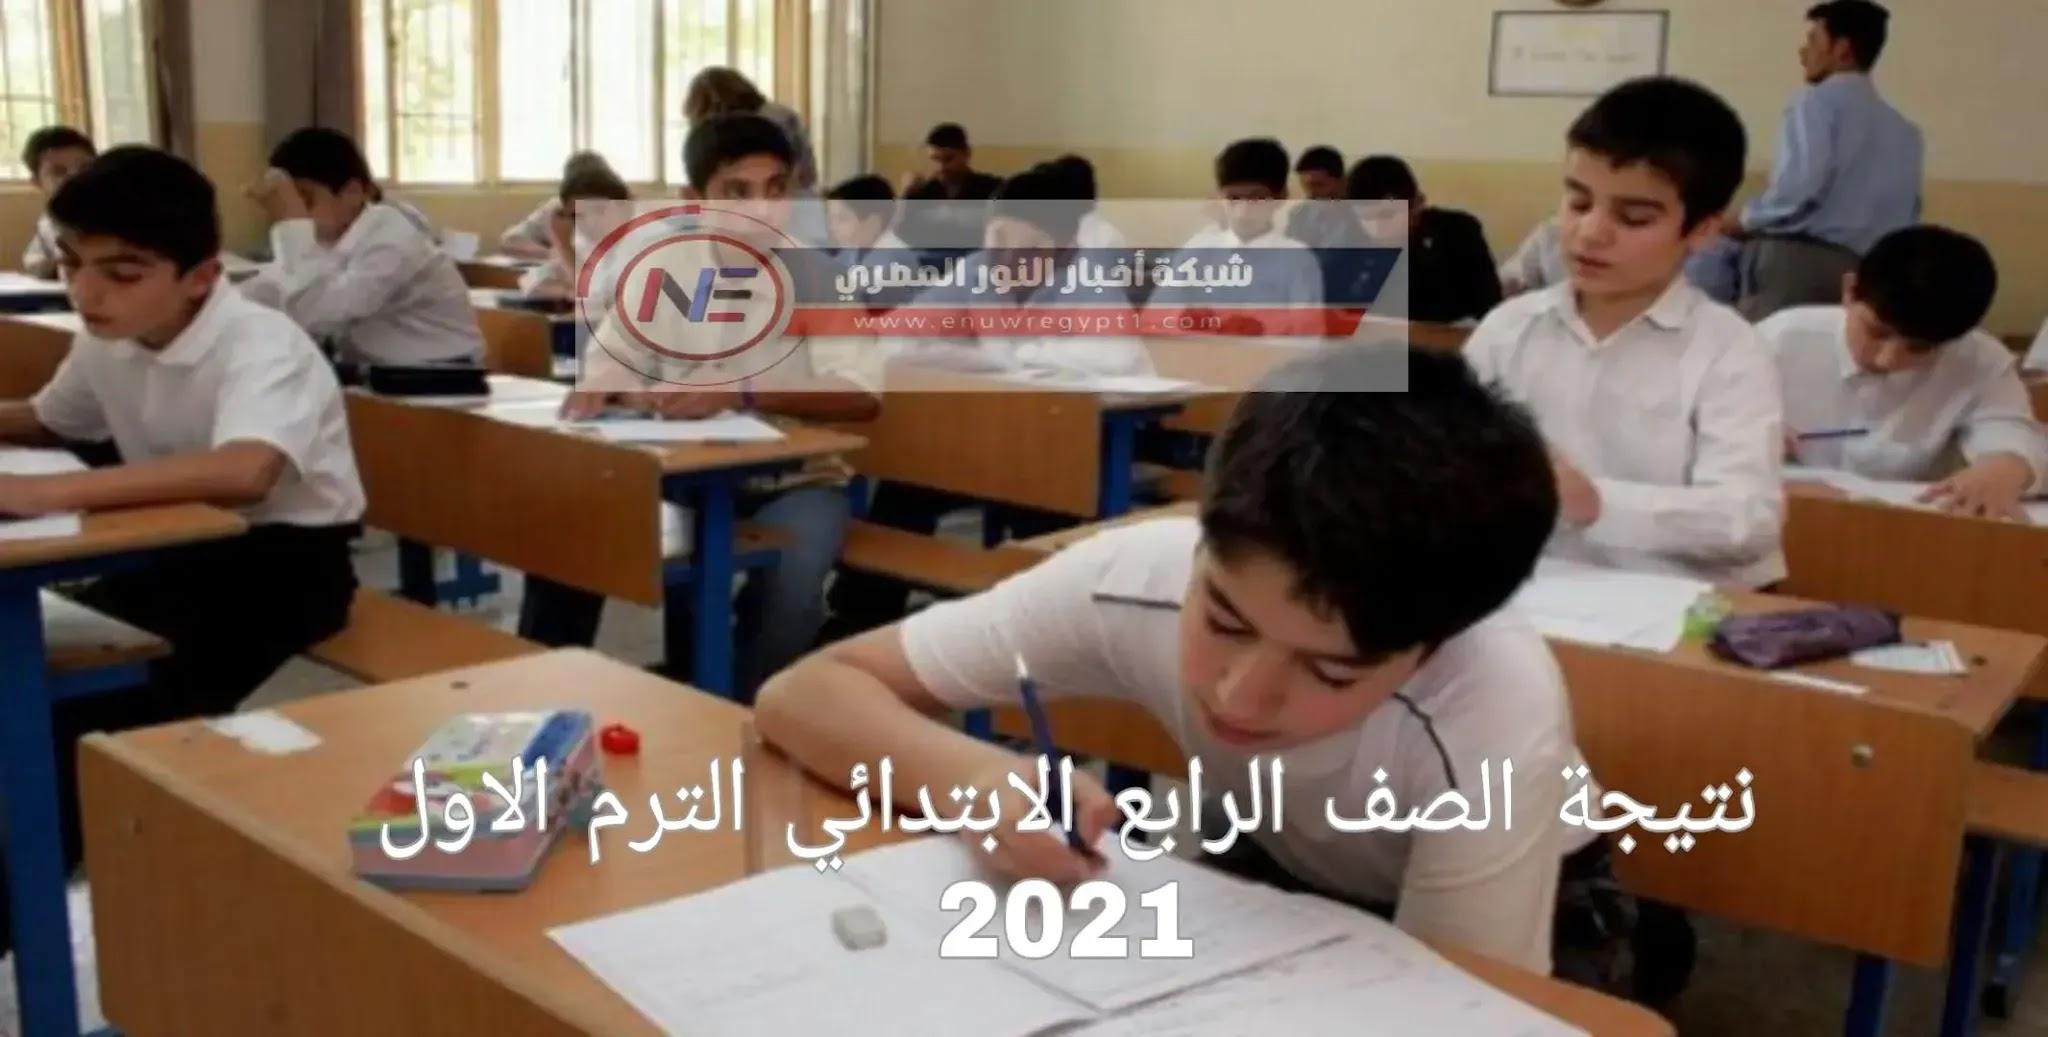 نتيجة الصف الرابع الابتدائي الترم الاول 2021 | موقع الوزارة الرسمي نتيجة سنة رابعة بالاسم ورقم الجلوس